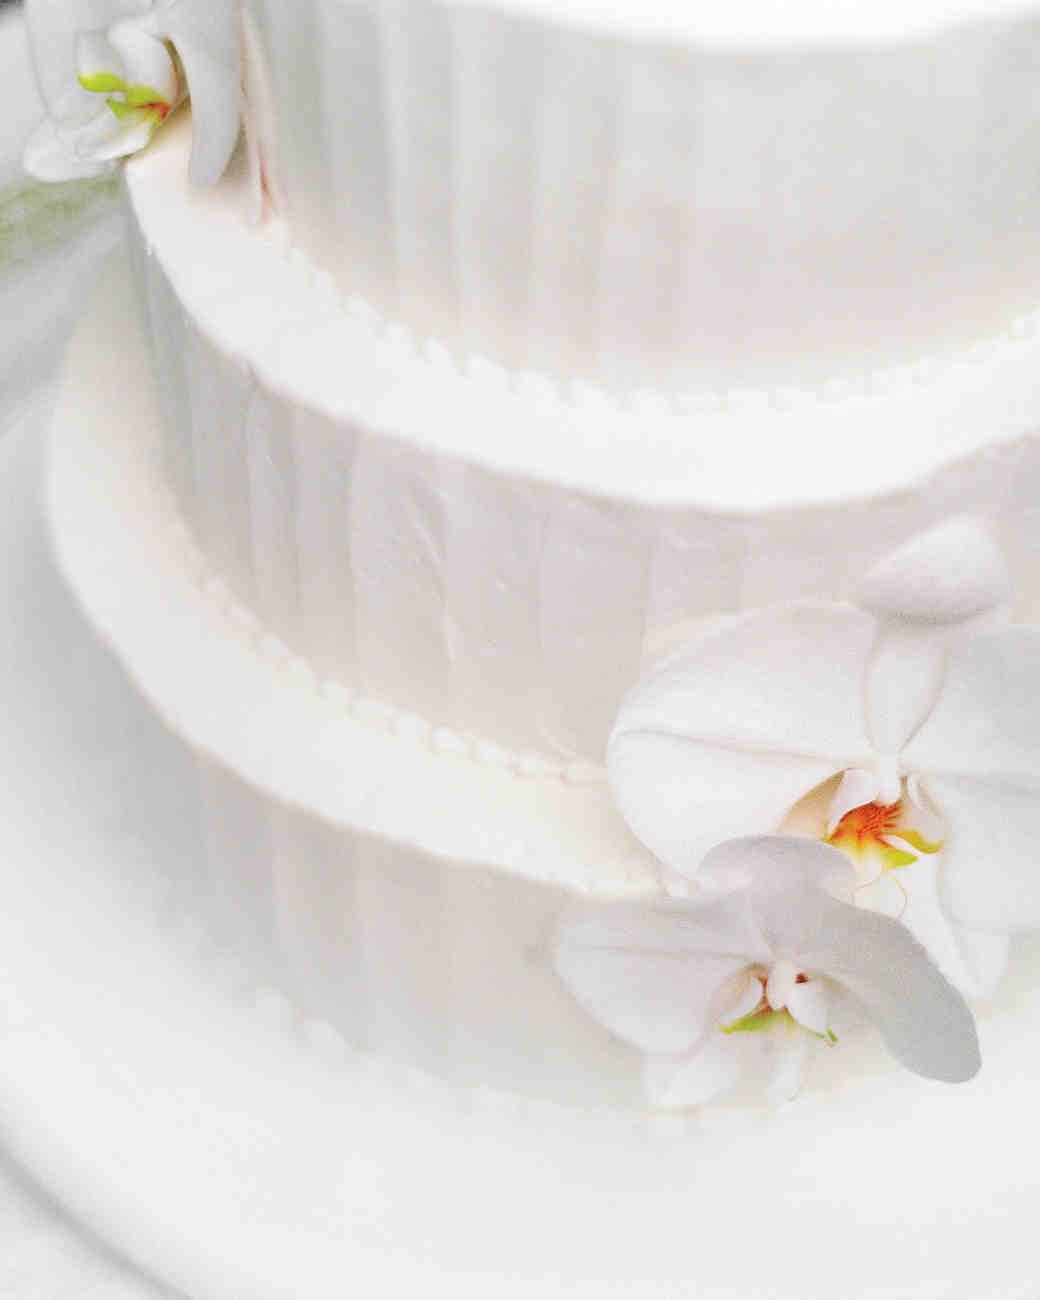 caitlin-loren-cake-036-mwds110278.jpg